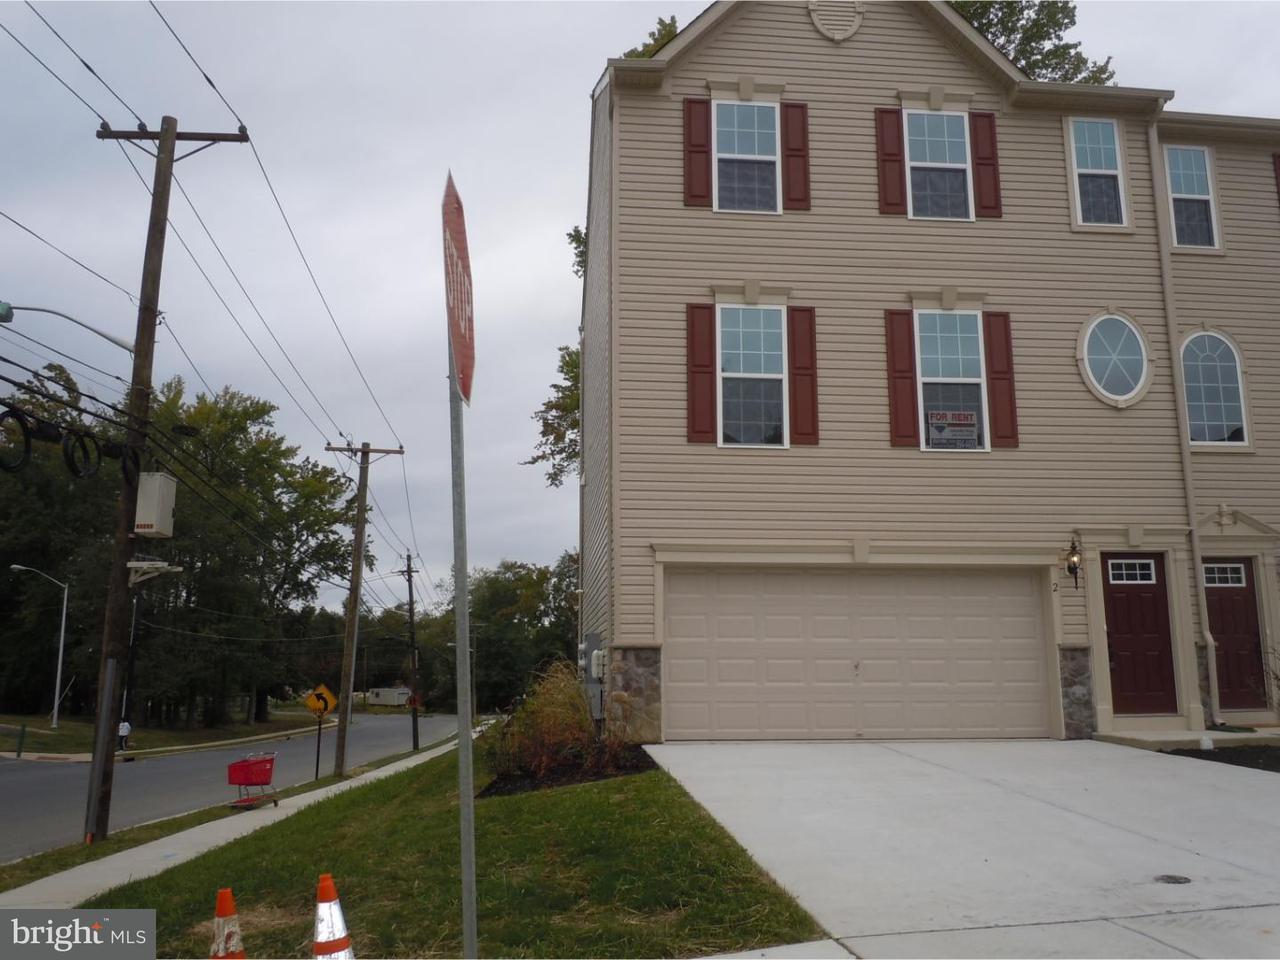 联栋屋 为 出租 在 2 WALLACE Street Mount Holly, 新泽西州 08060 美国